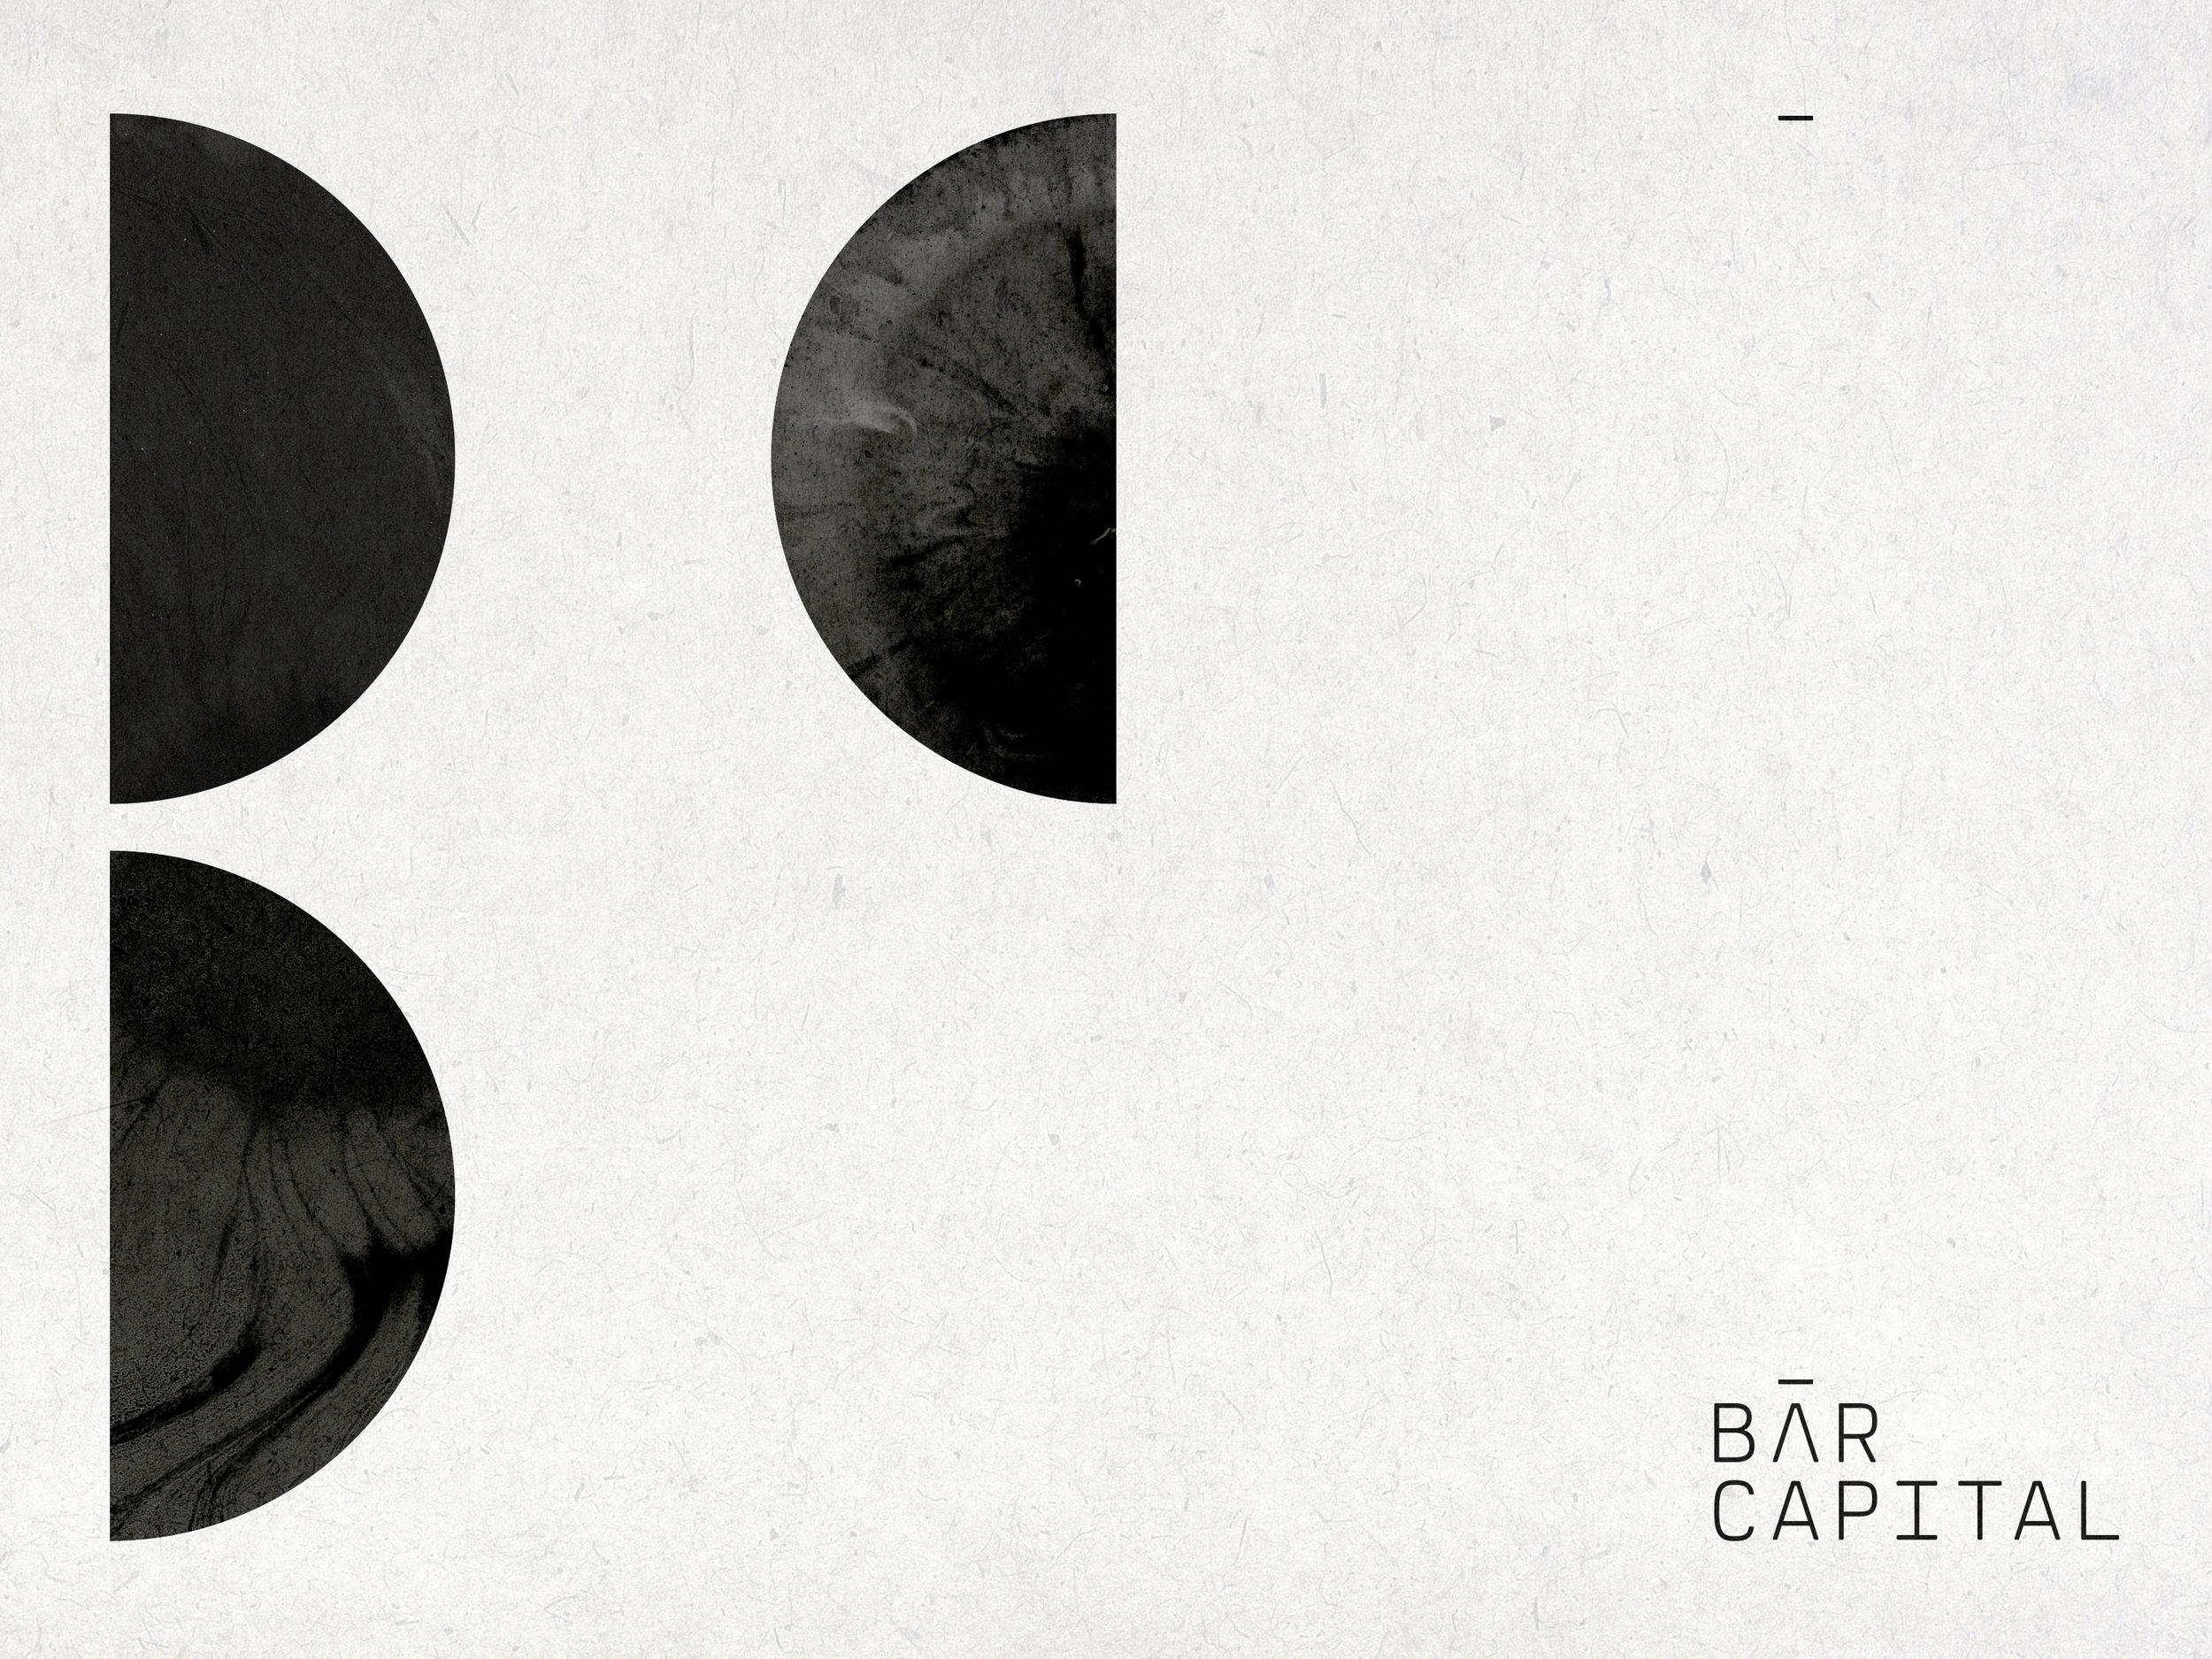 BAR-image-7.jpg